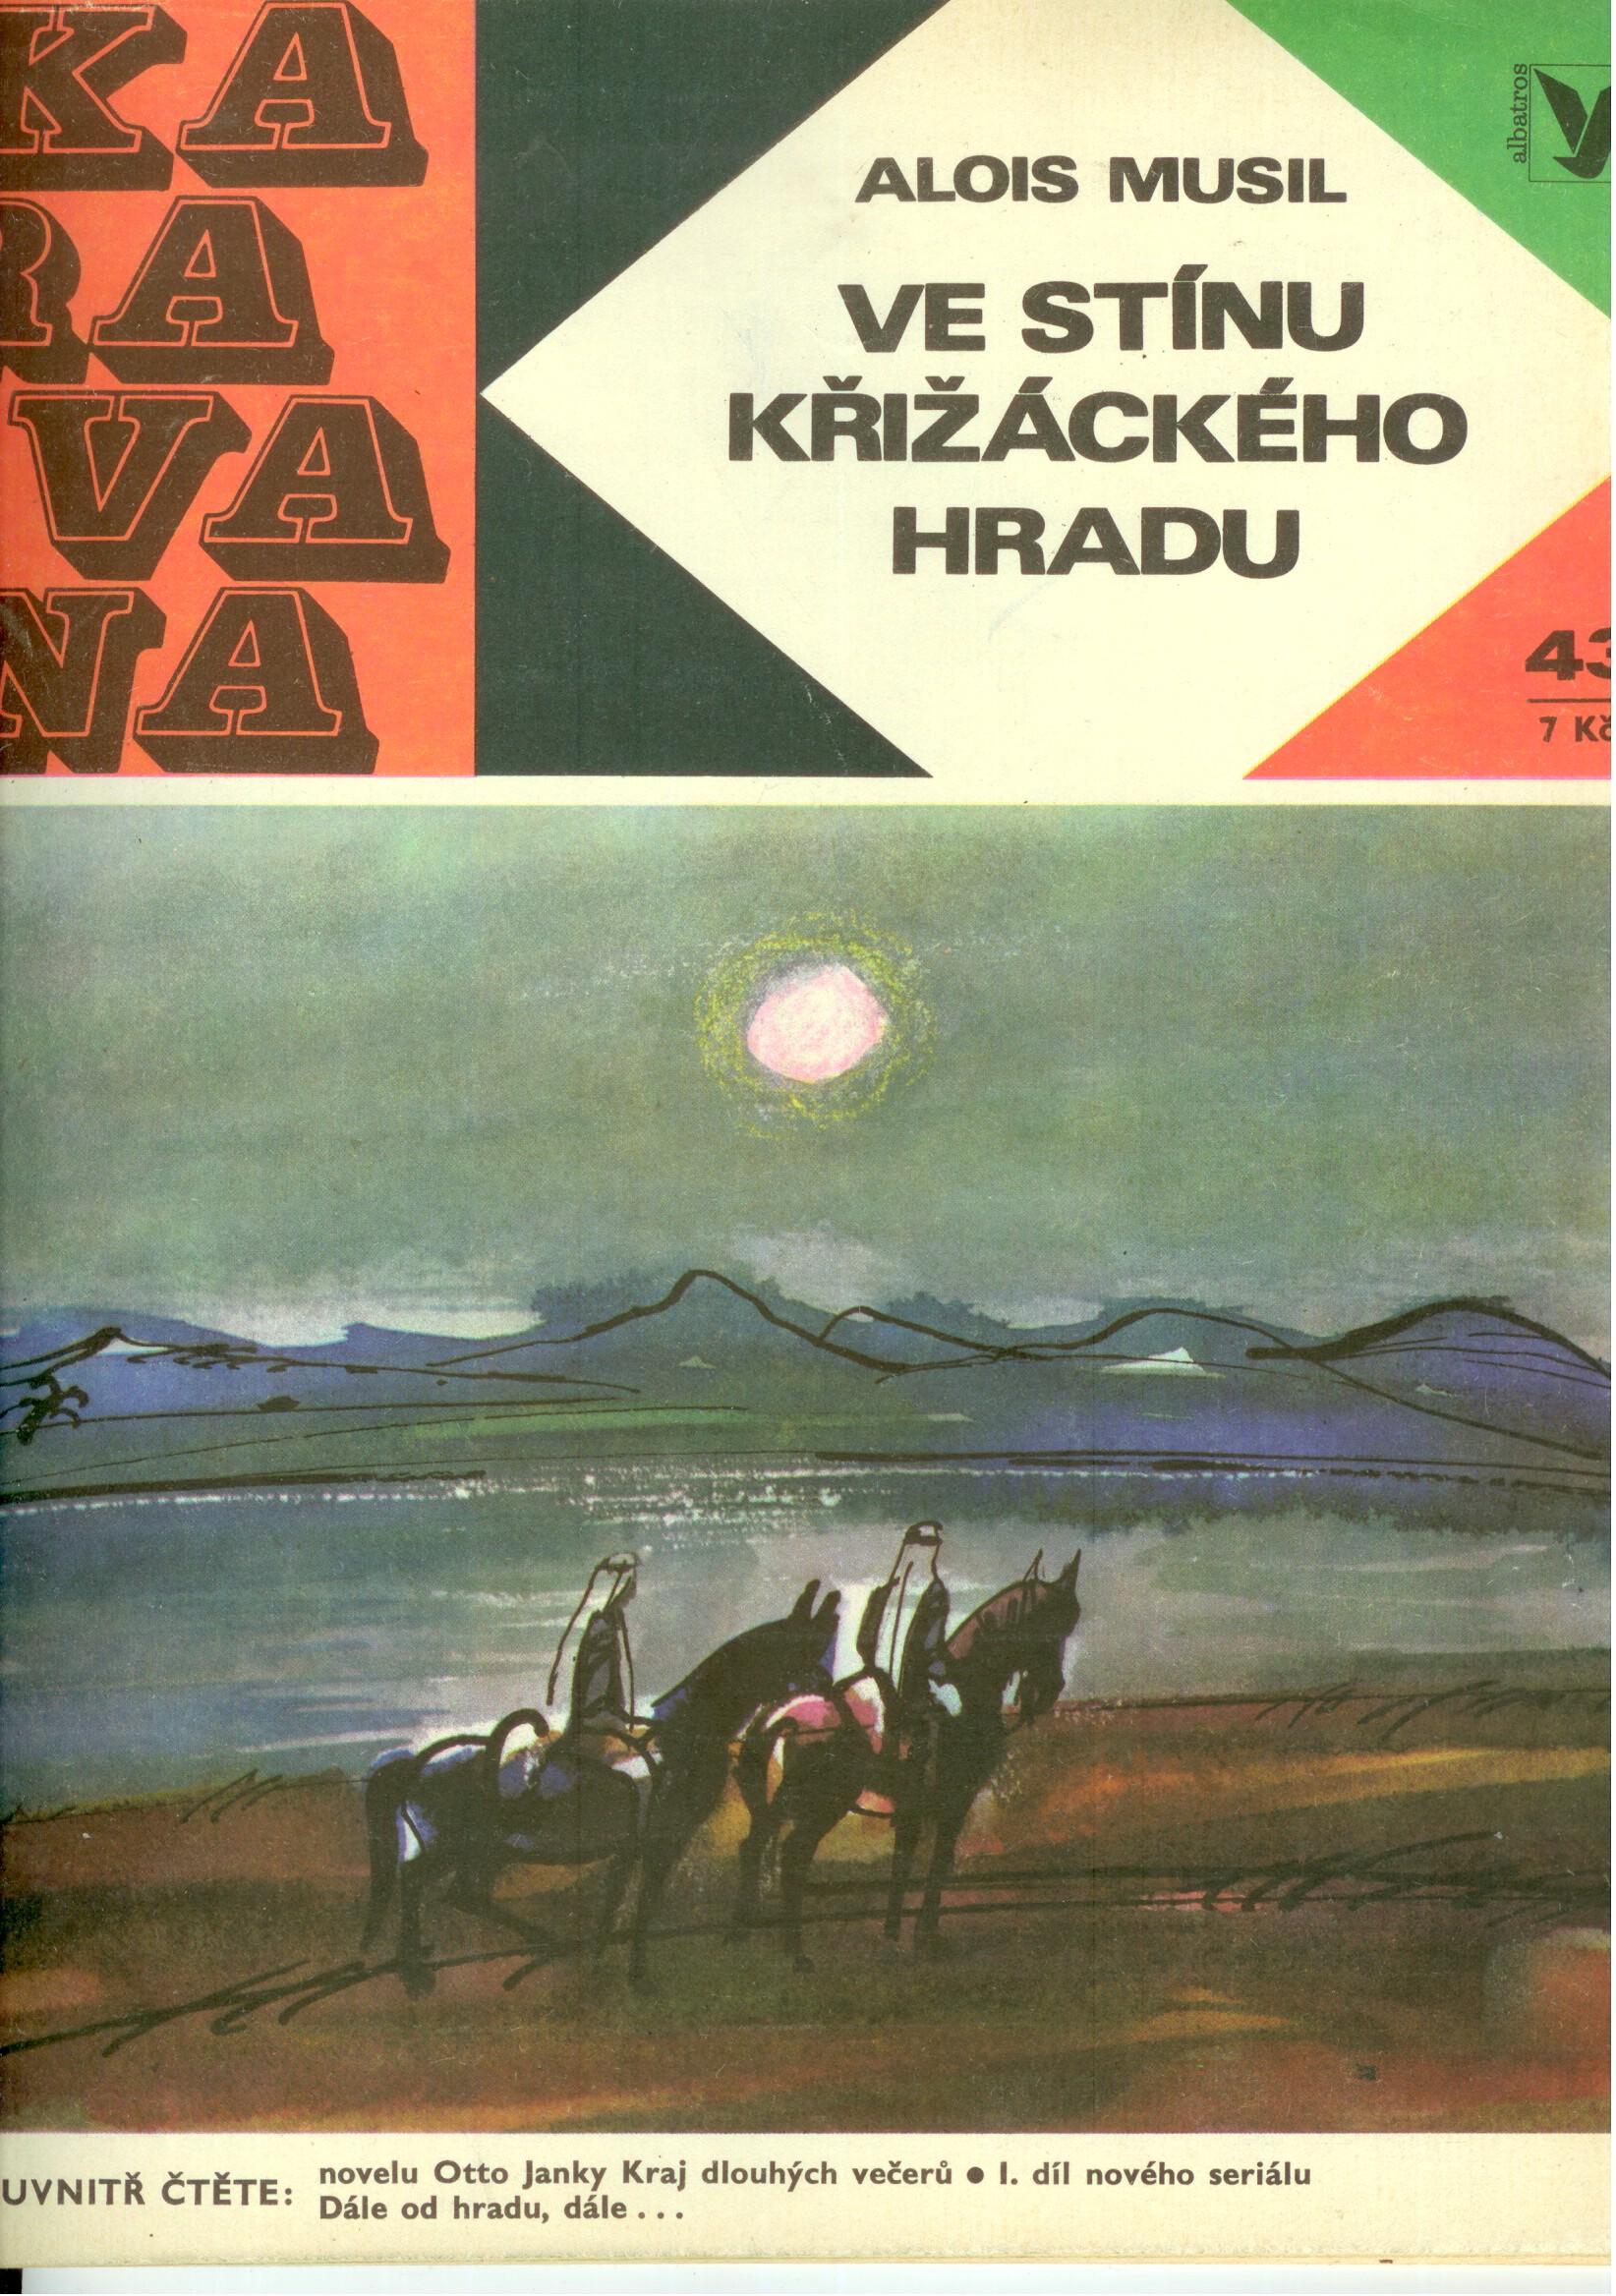 Ve stínu křižáckého hradu - Alois Musil (Karavana)